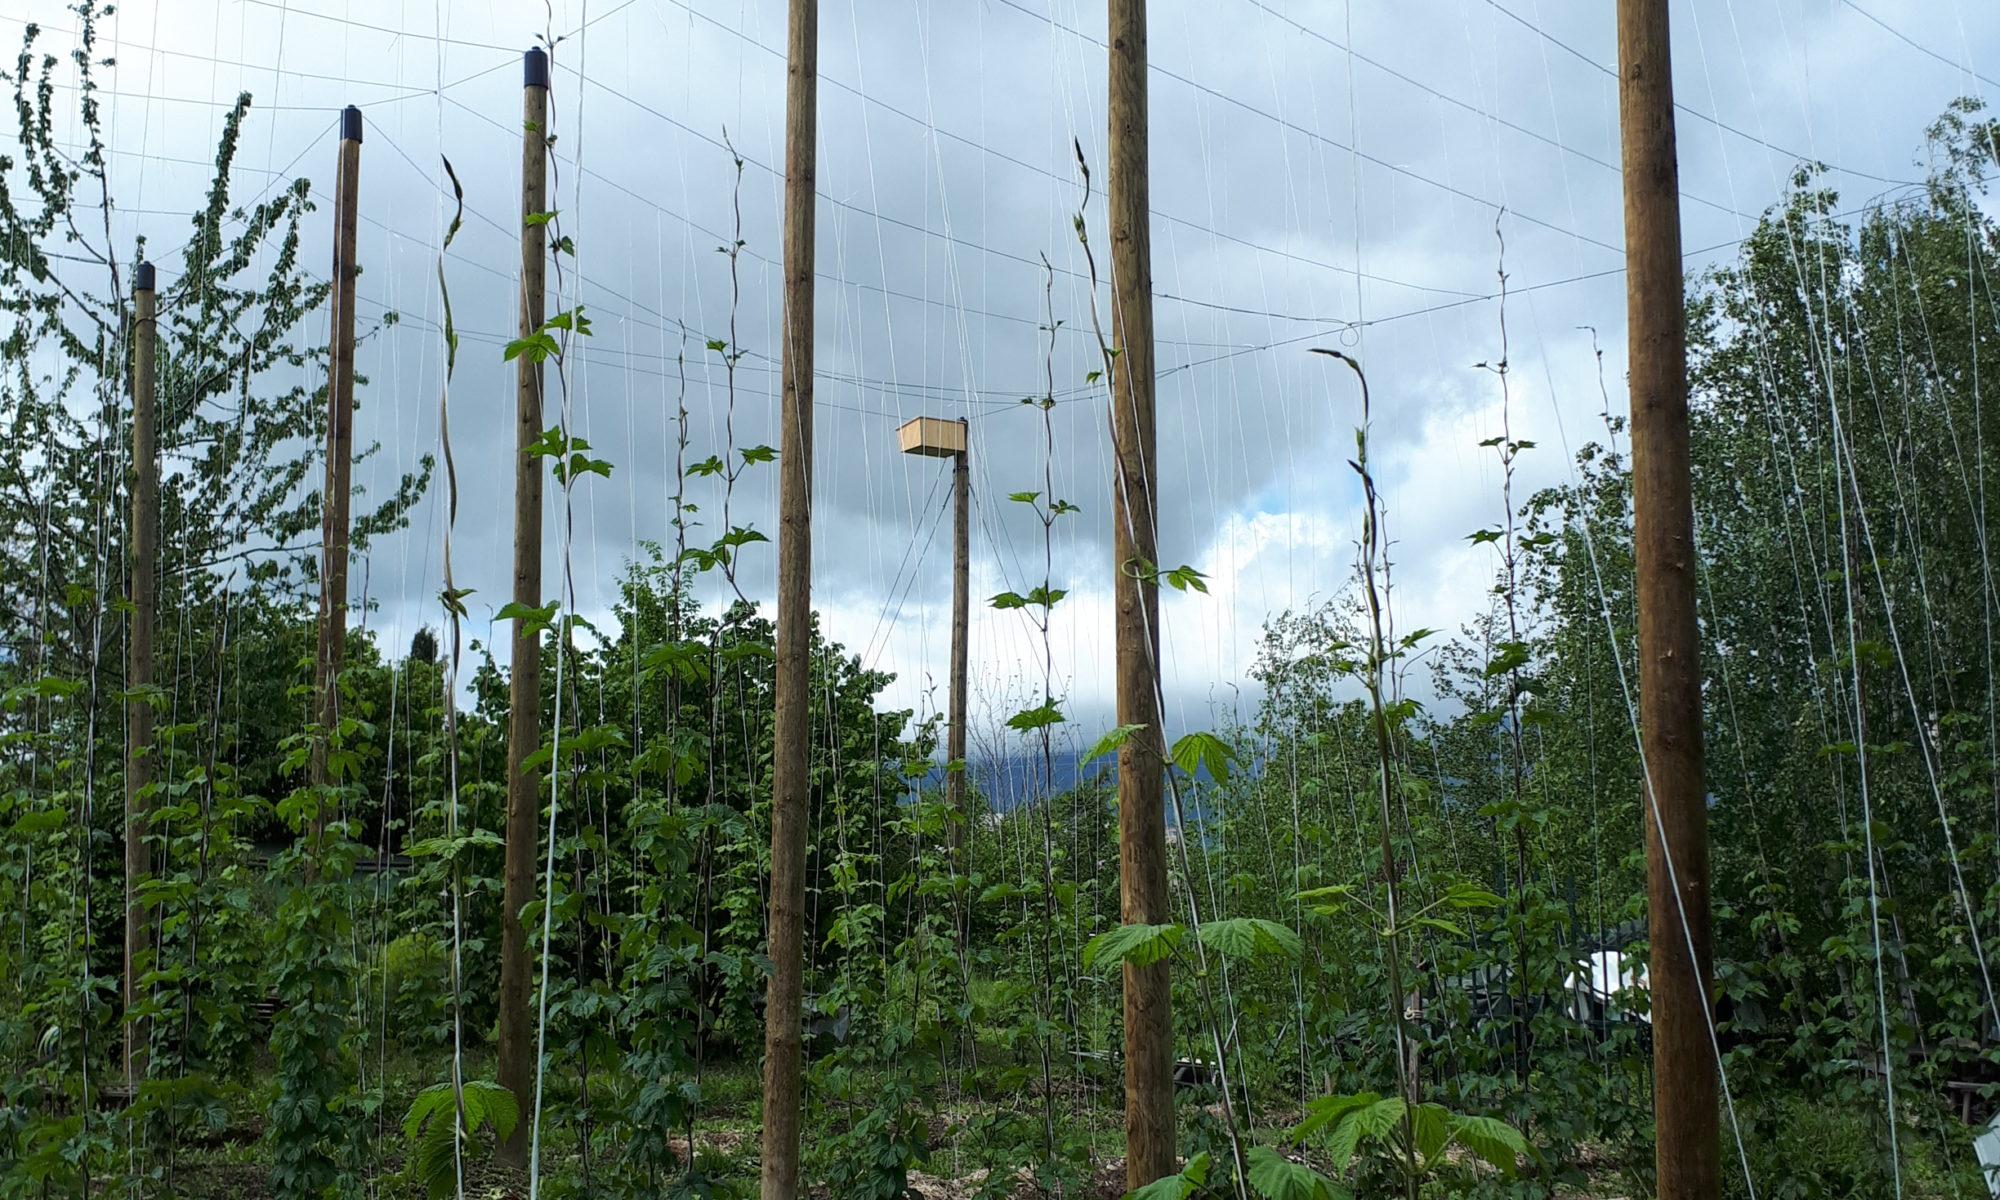 La houblonnière de Mategnin en printemps 2021 - Meyrin. Genève, du houblon local pour nos bières ultra artisanales!